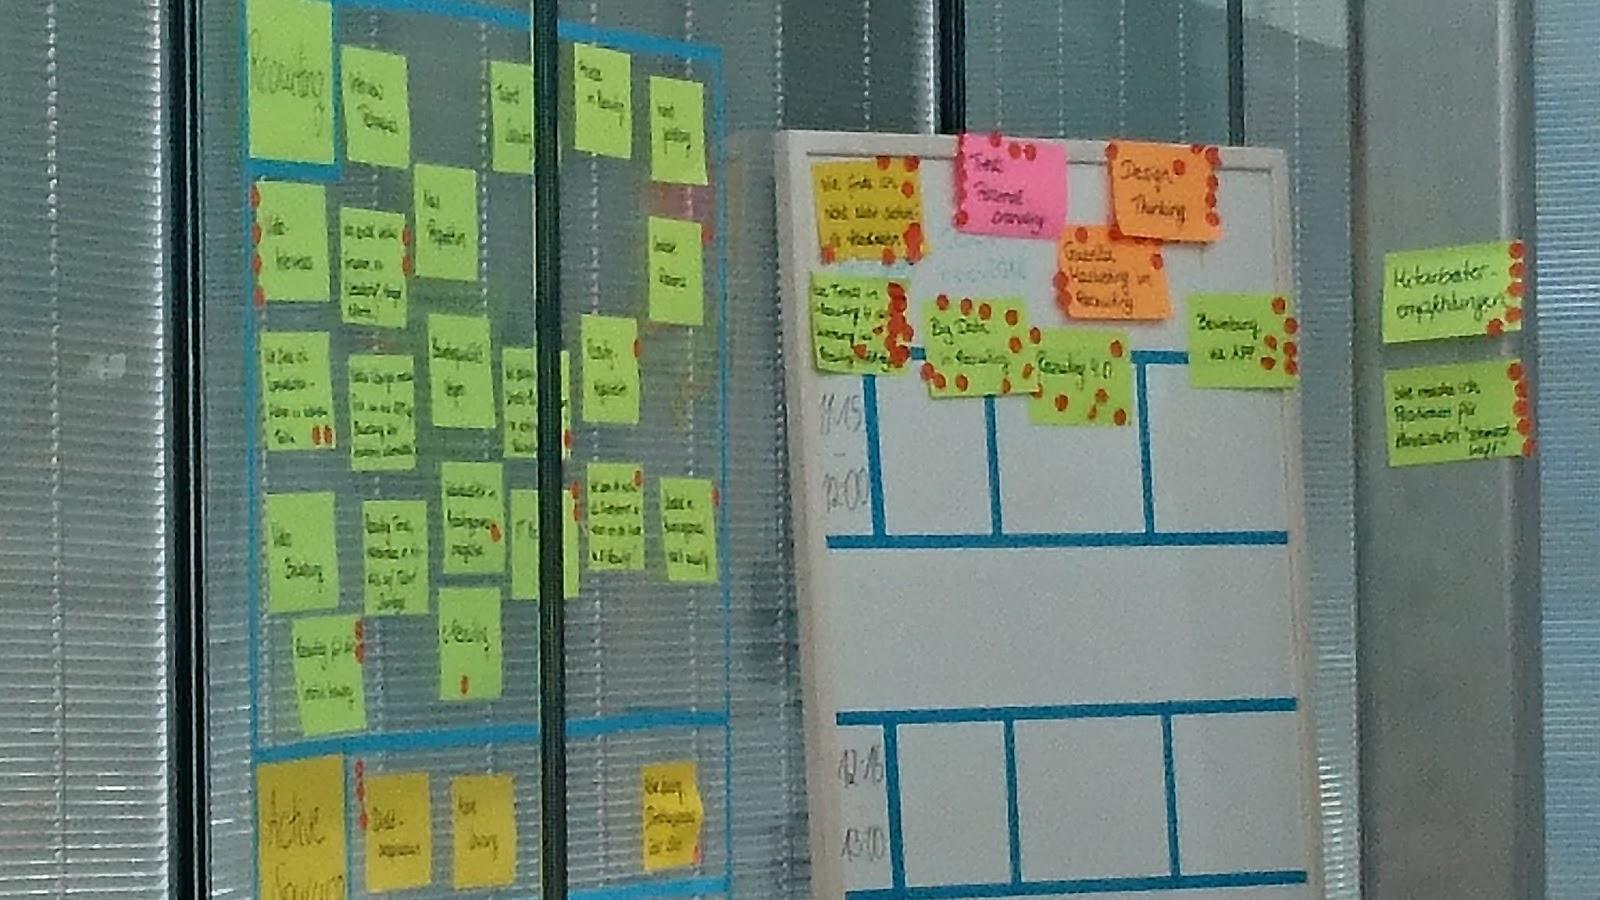 Bewerbung via App 2. Big Data im Recruiting / Recruiting 4.0 3. Design  Thinking 4. Guerilla Marketing im Recruiting / Positionen für Kandidaten ...